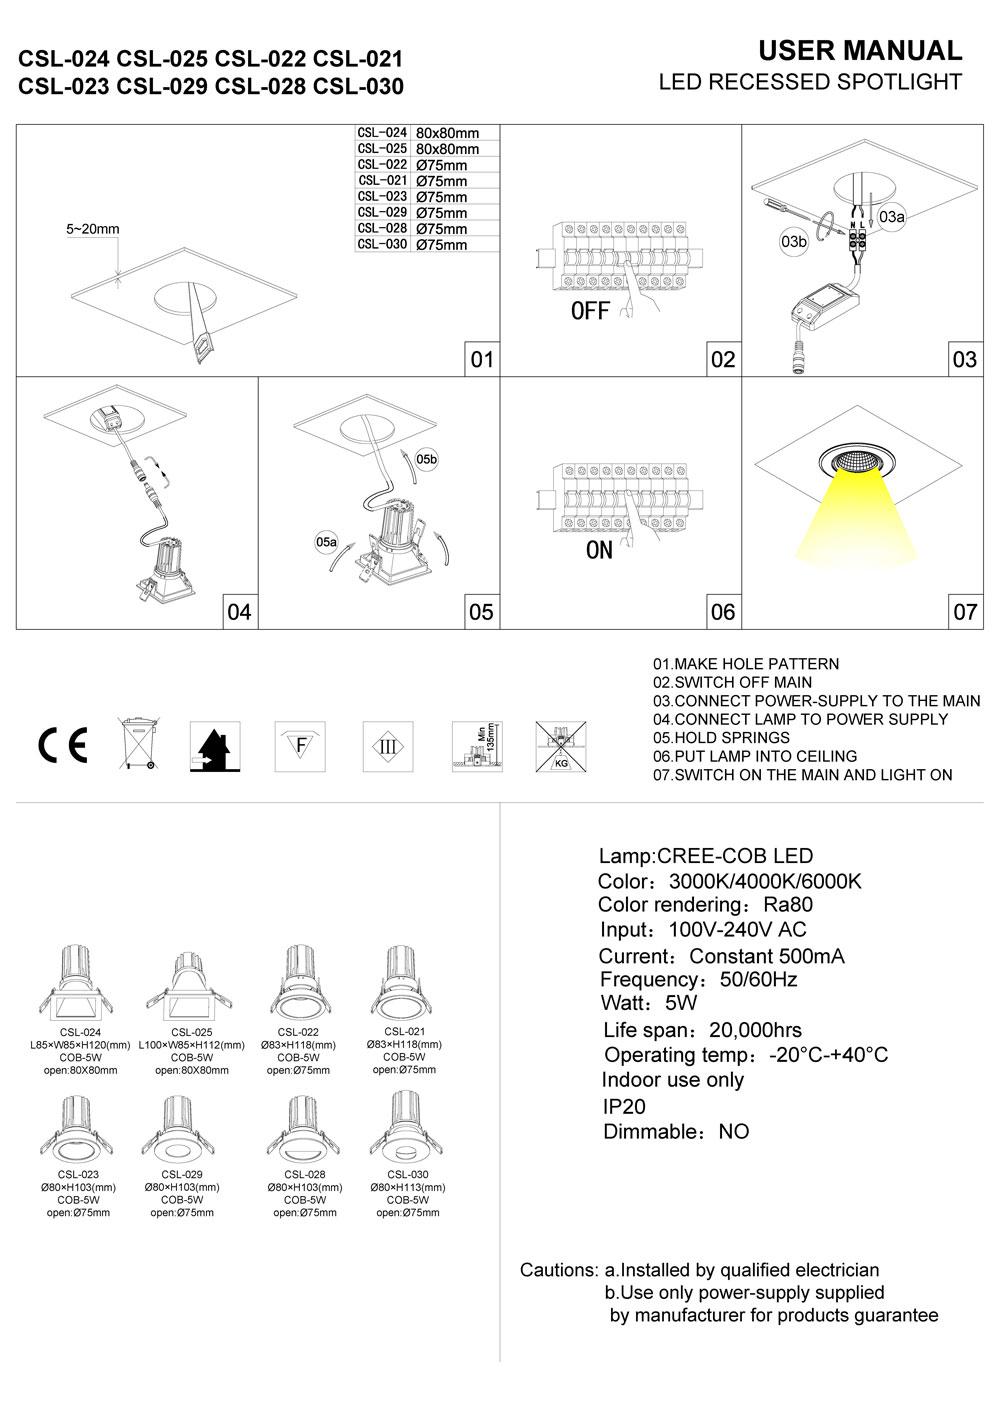 medium resolution of csl024 csl022 led downlight installation guide